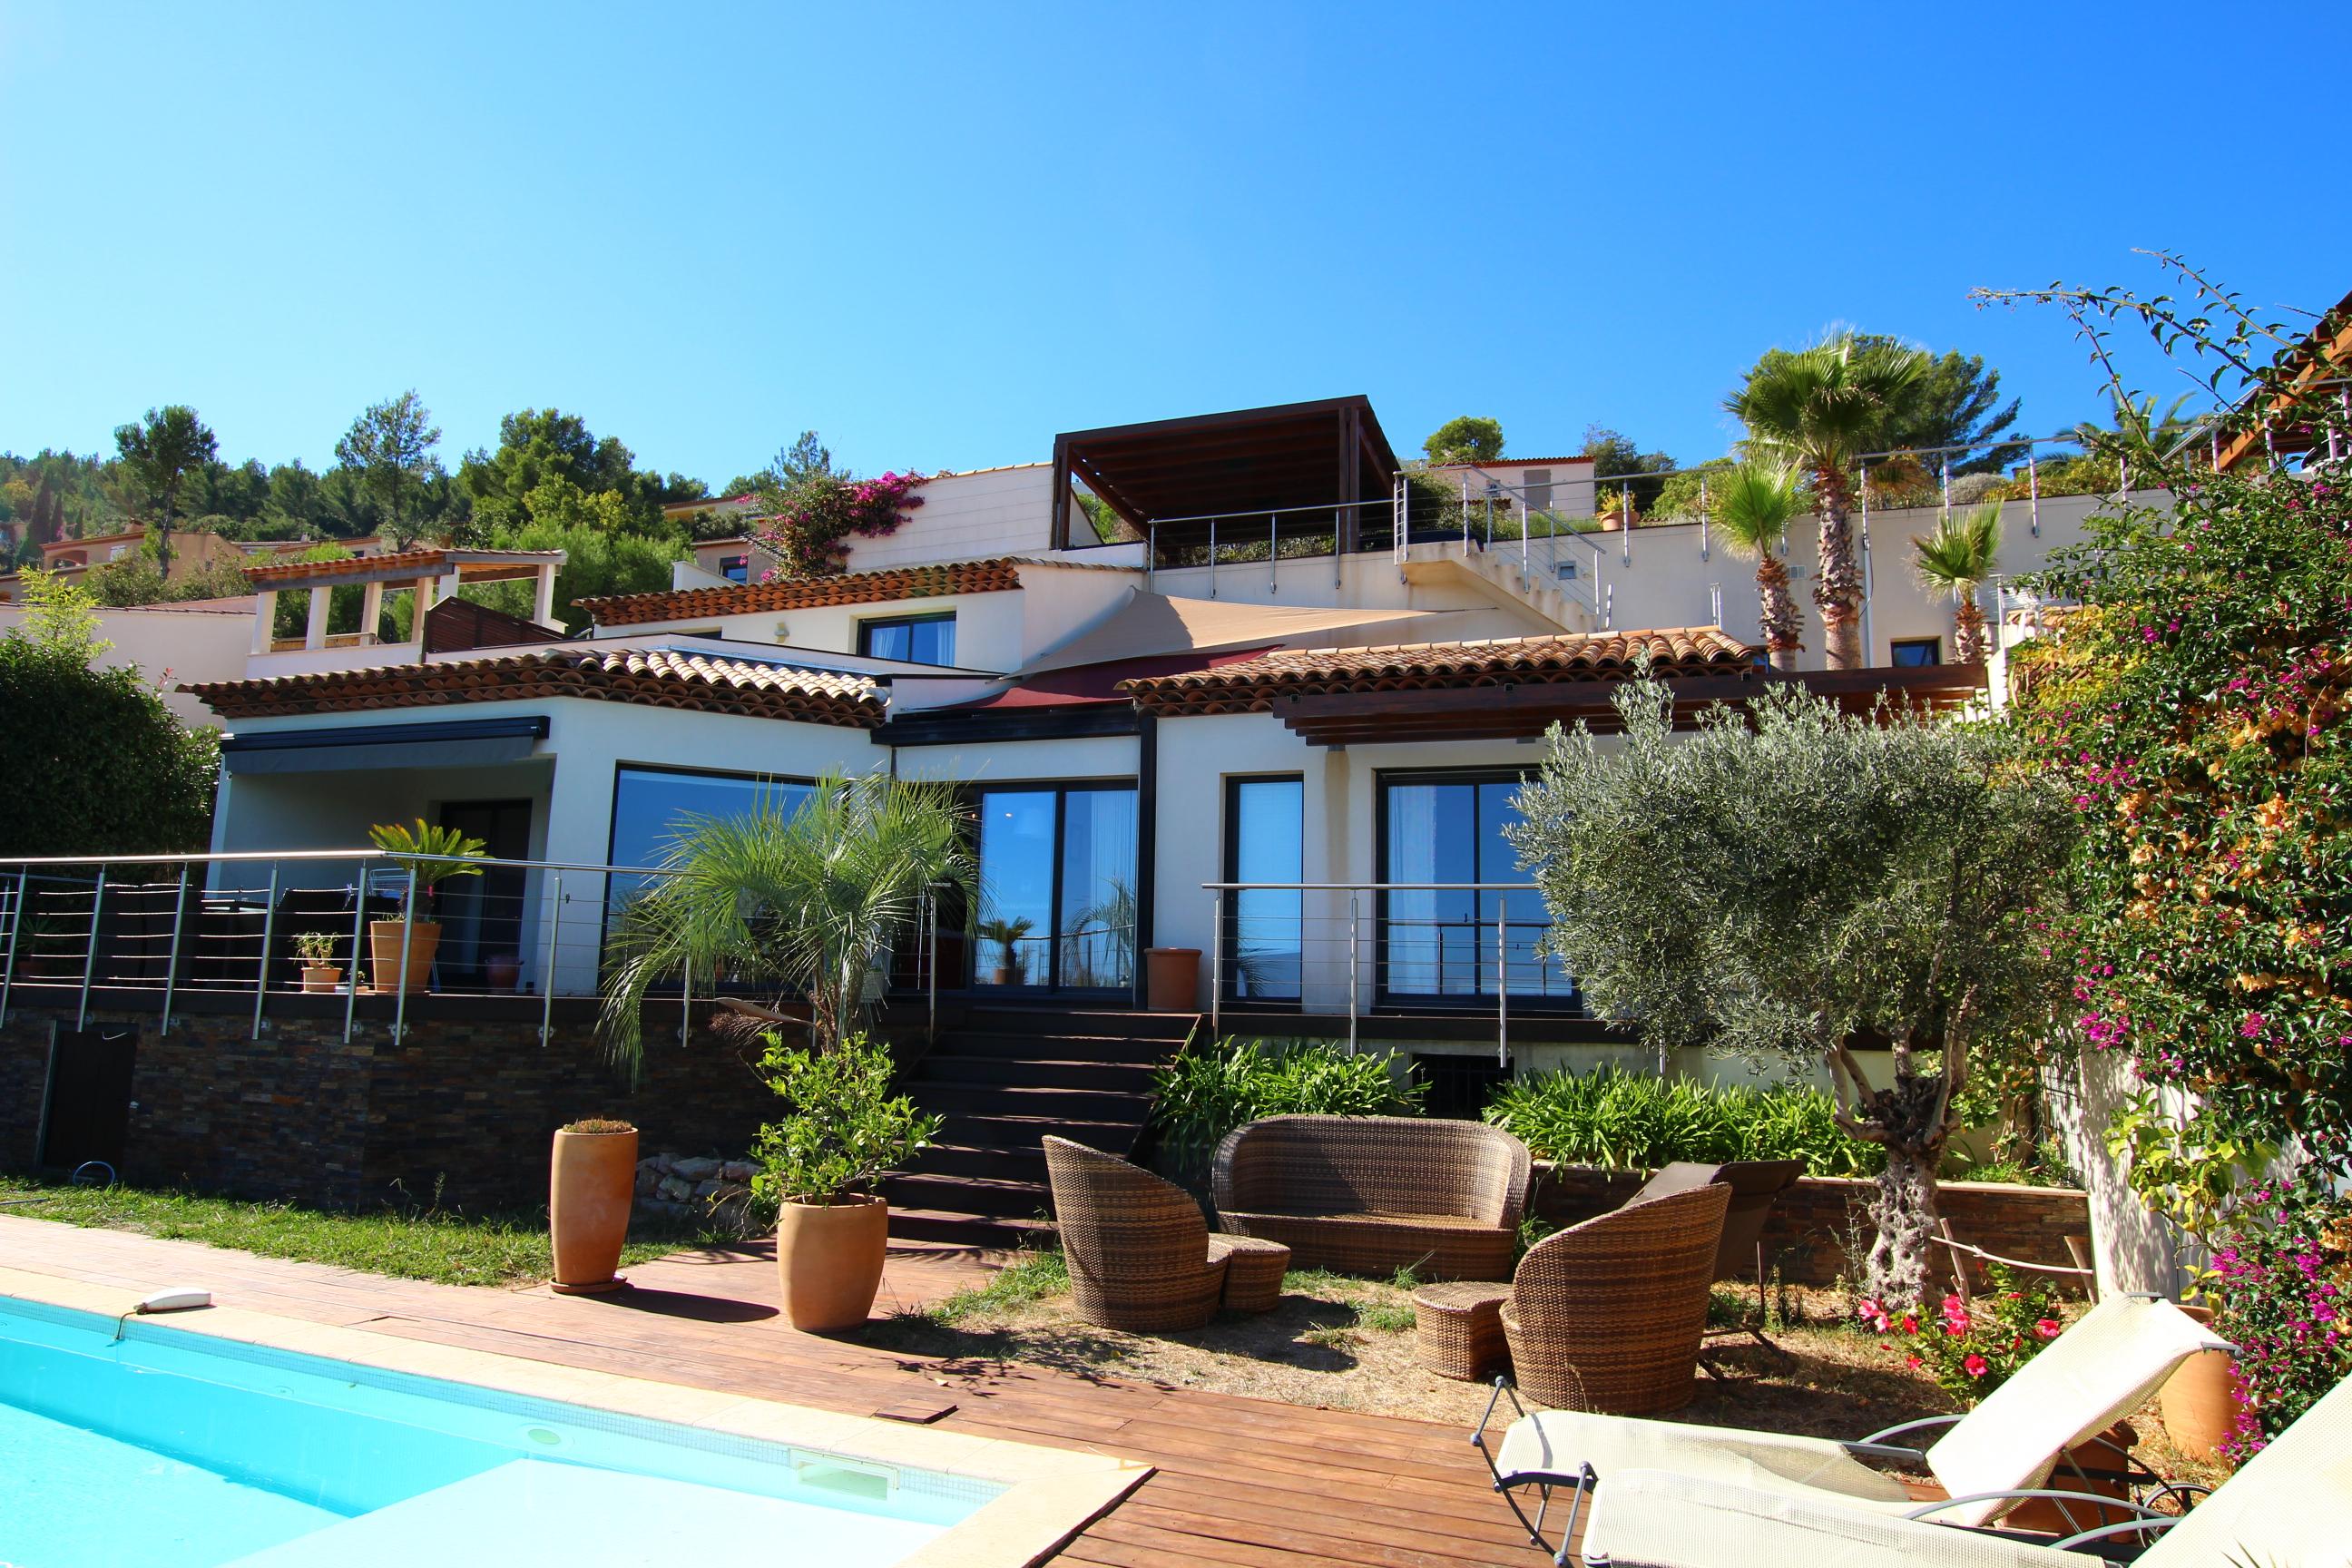 Vente maison contemporaine vue mer à Hyères 83400